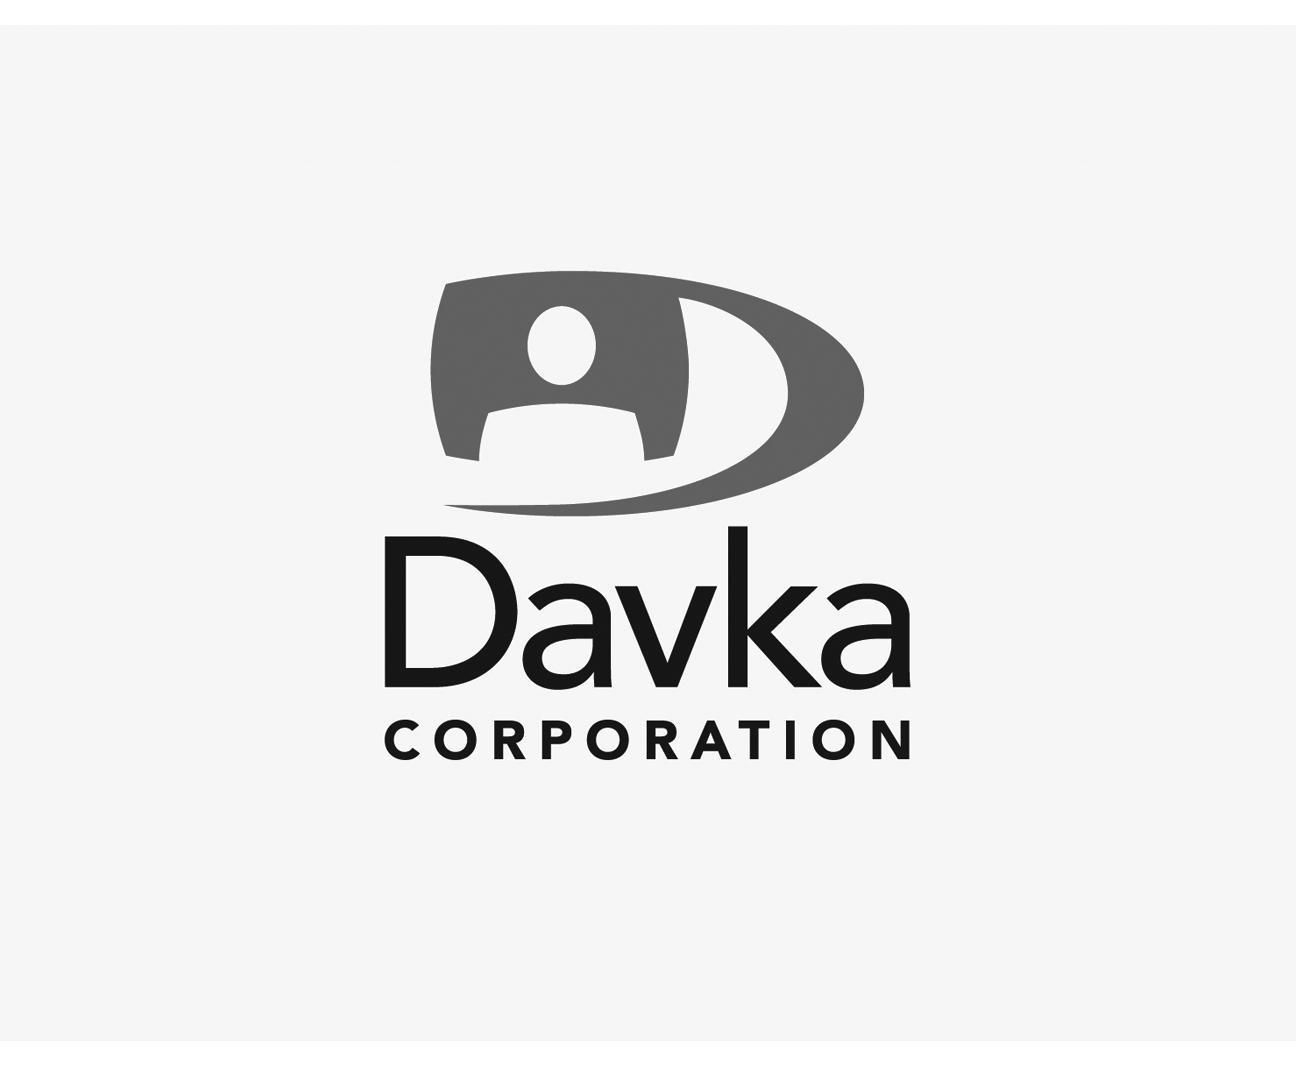 logo_davka_gs.jpg